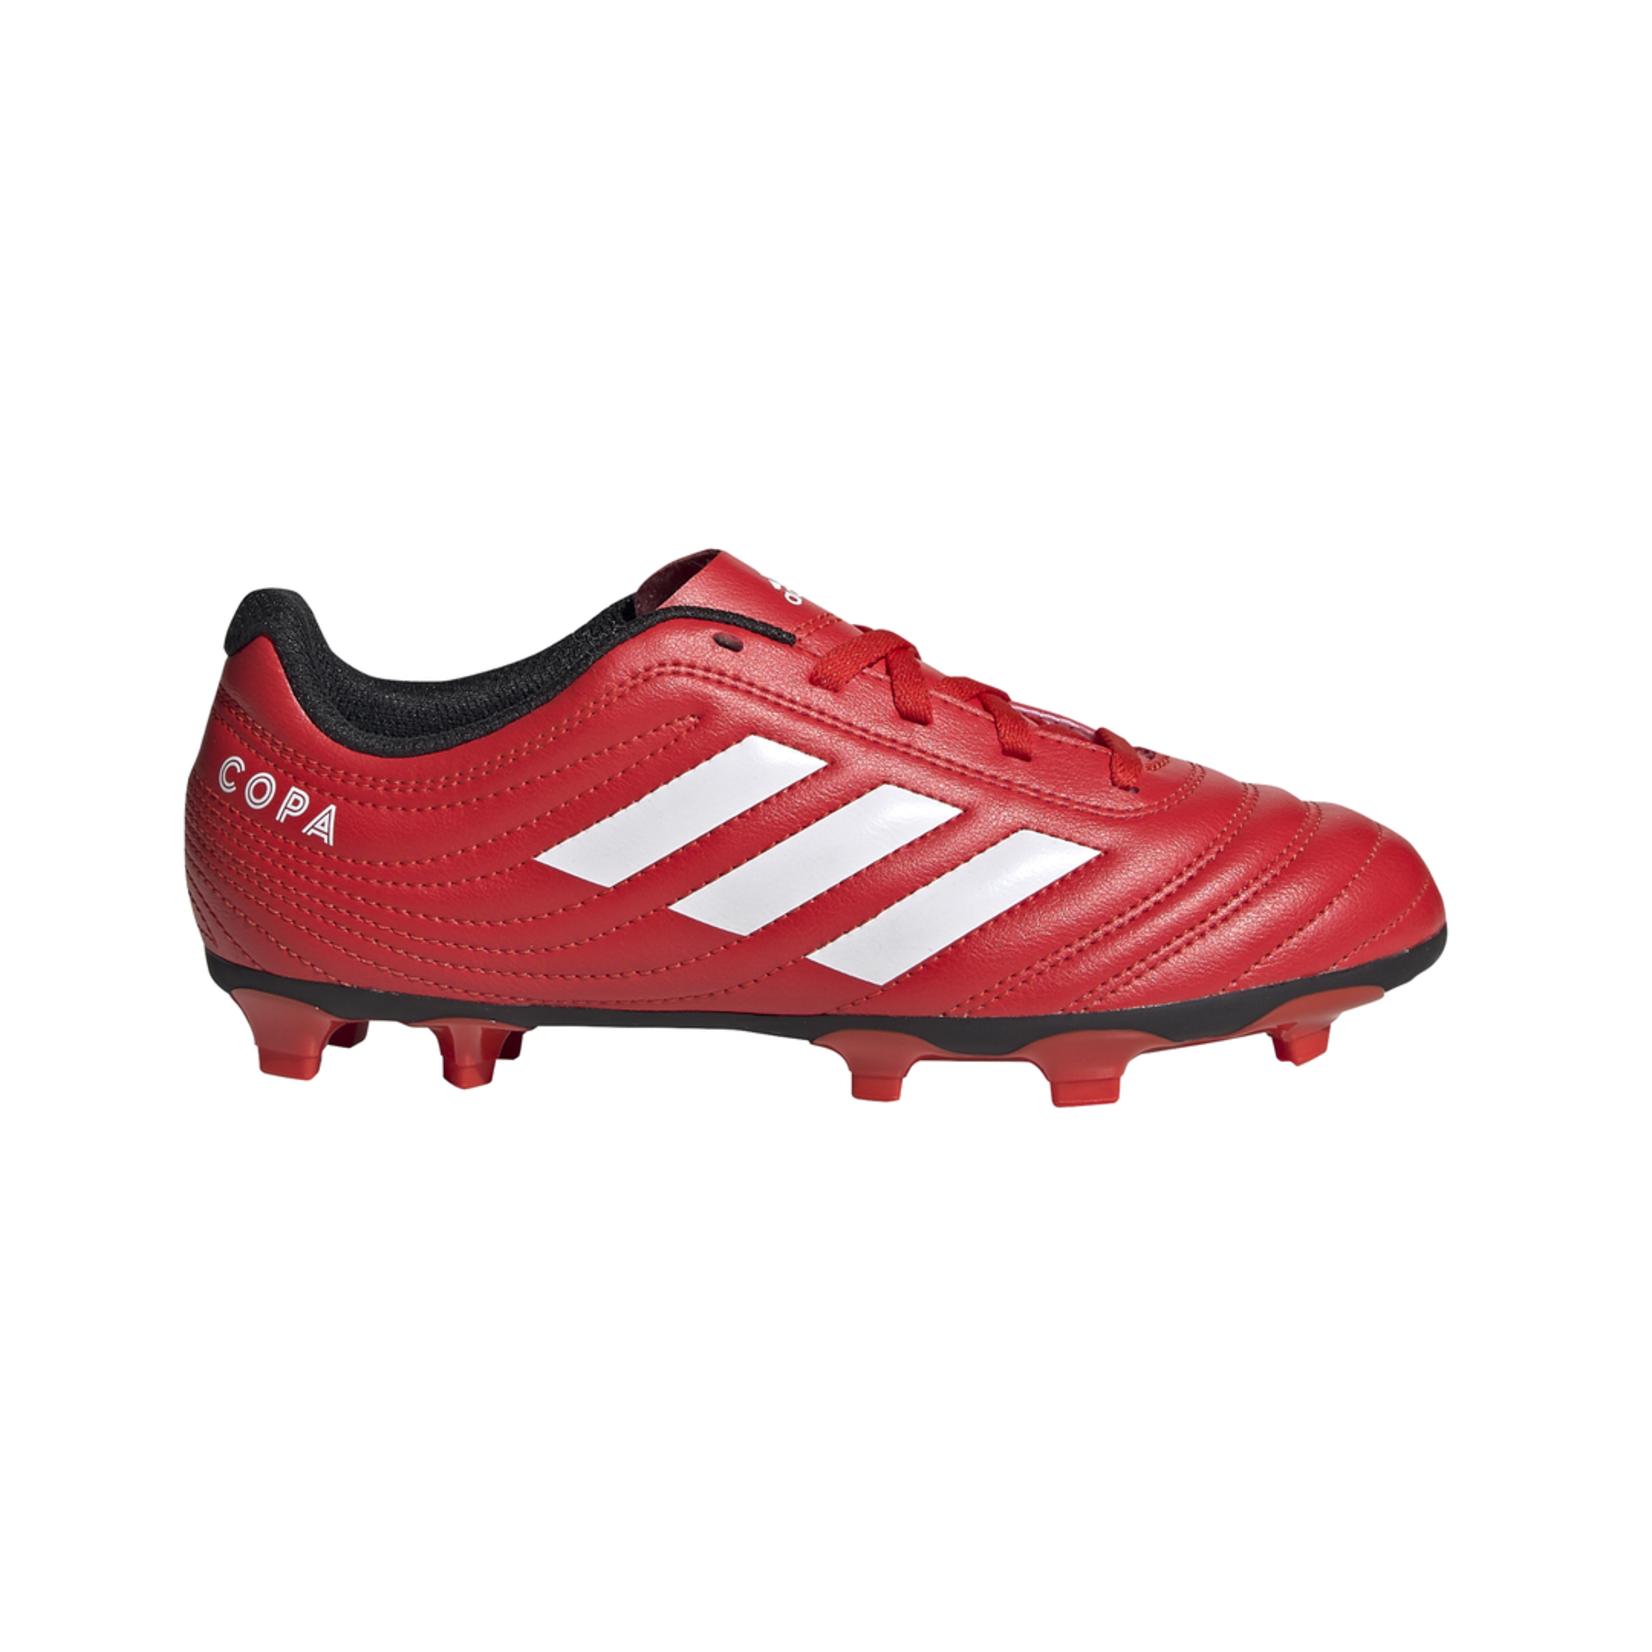 Adidas Adidas Soccer Shoes, Copa 20.4 FG J, Junior